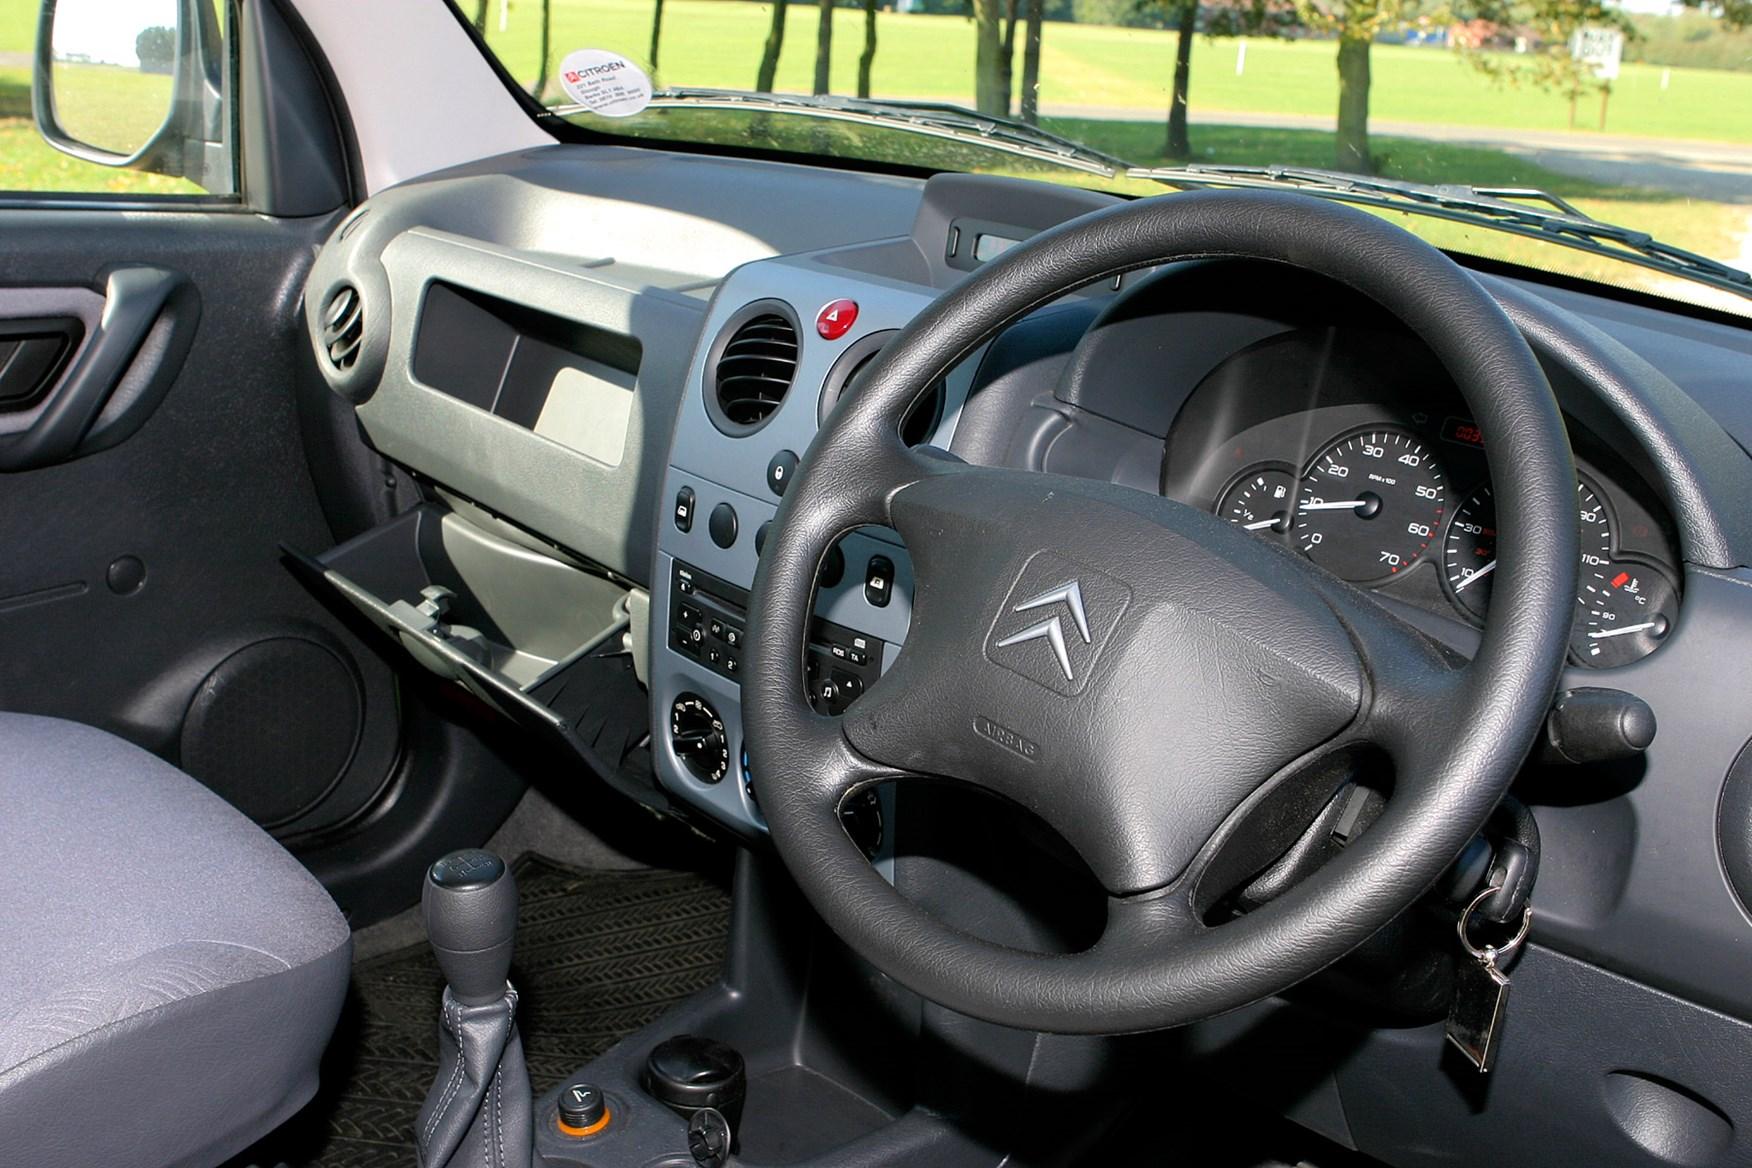 2002-2008 Citroen Berlingo review on Parkers Vans - interior